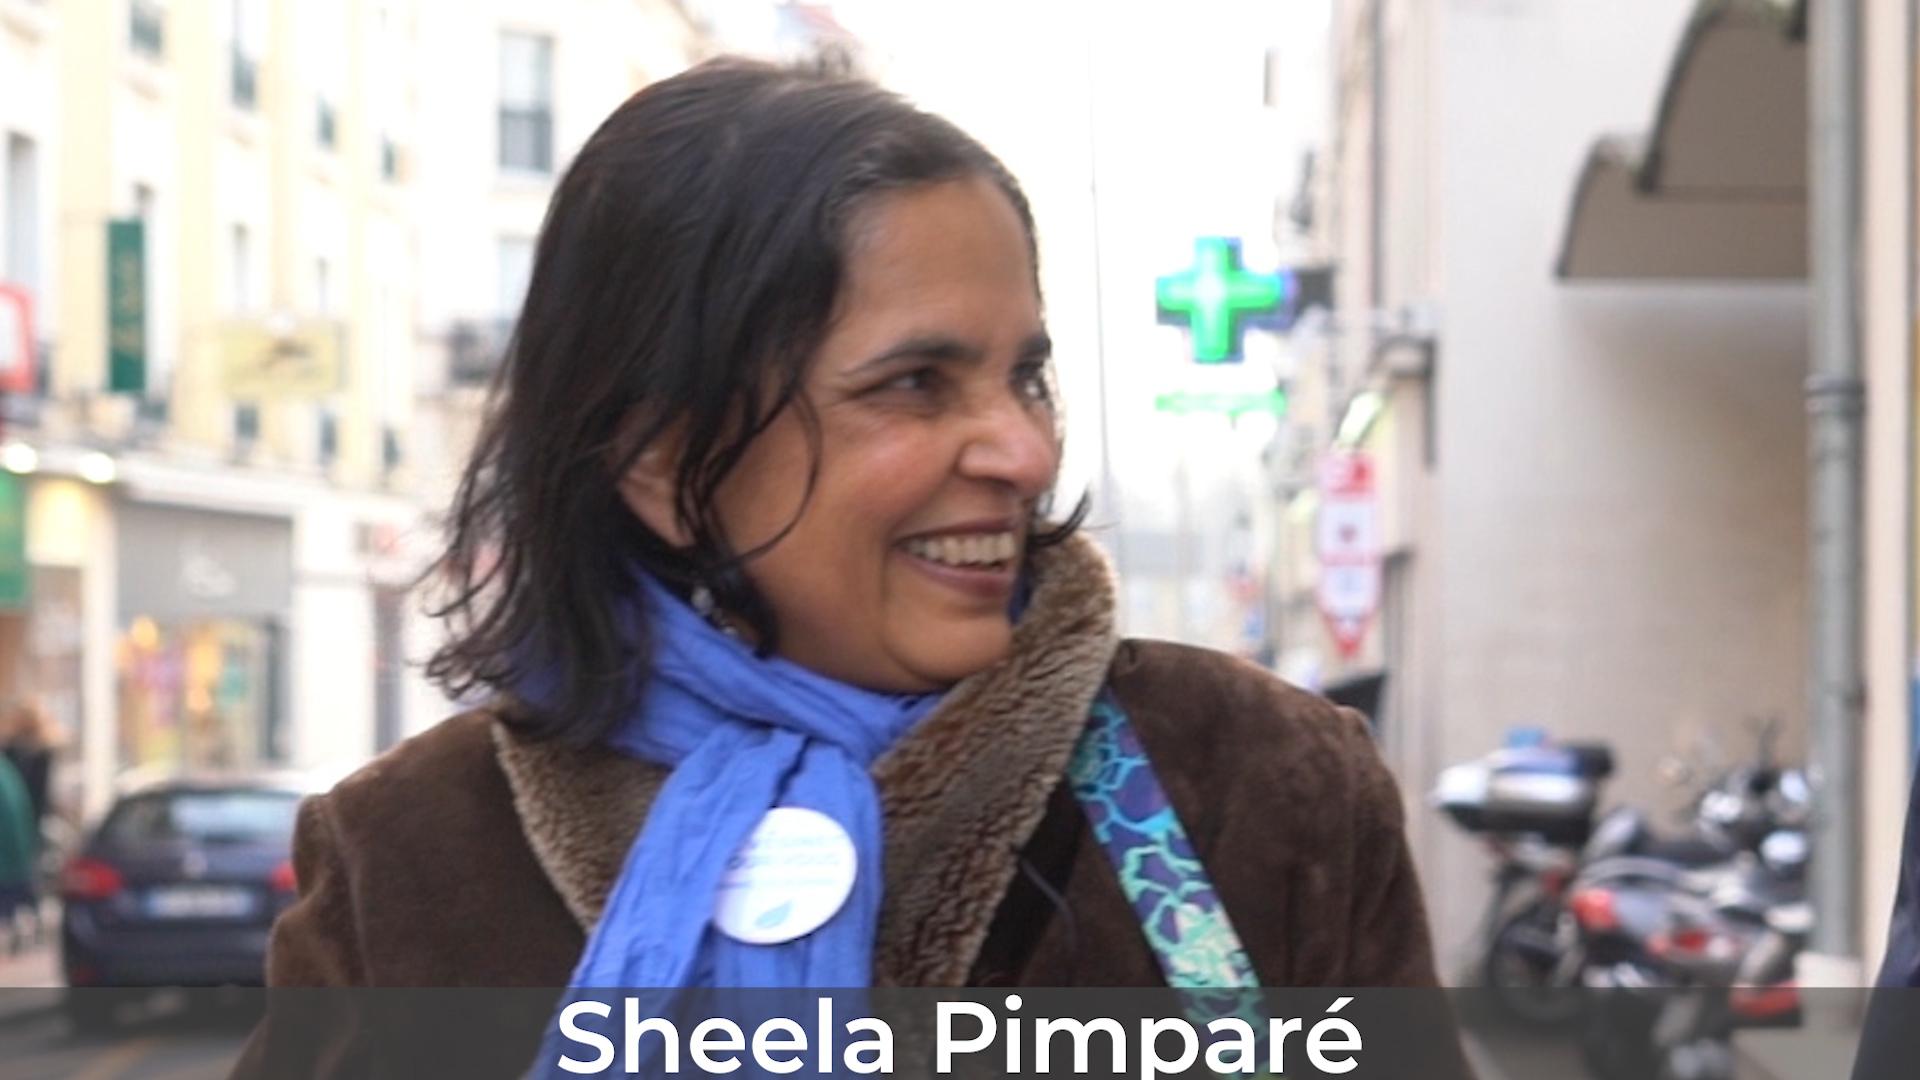 Sheela Pimparé se présente